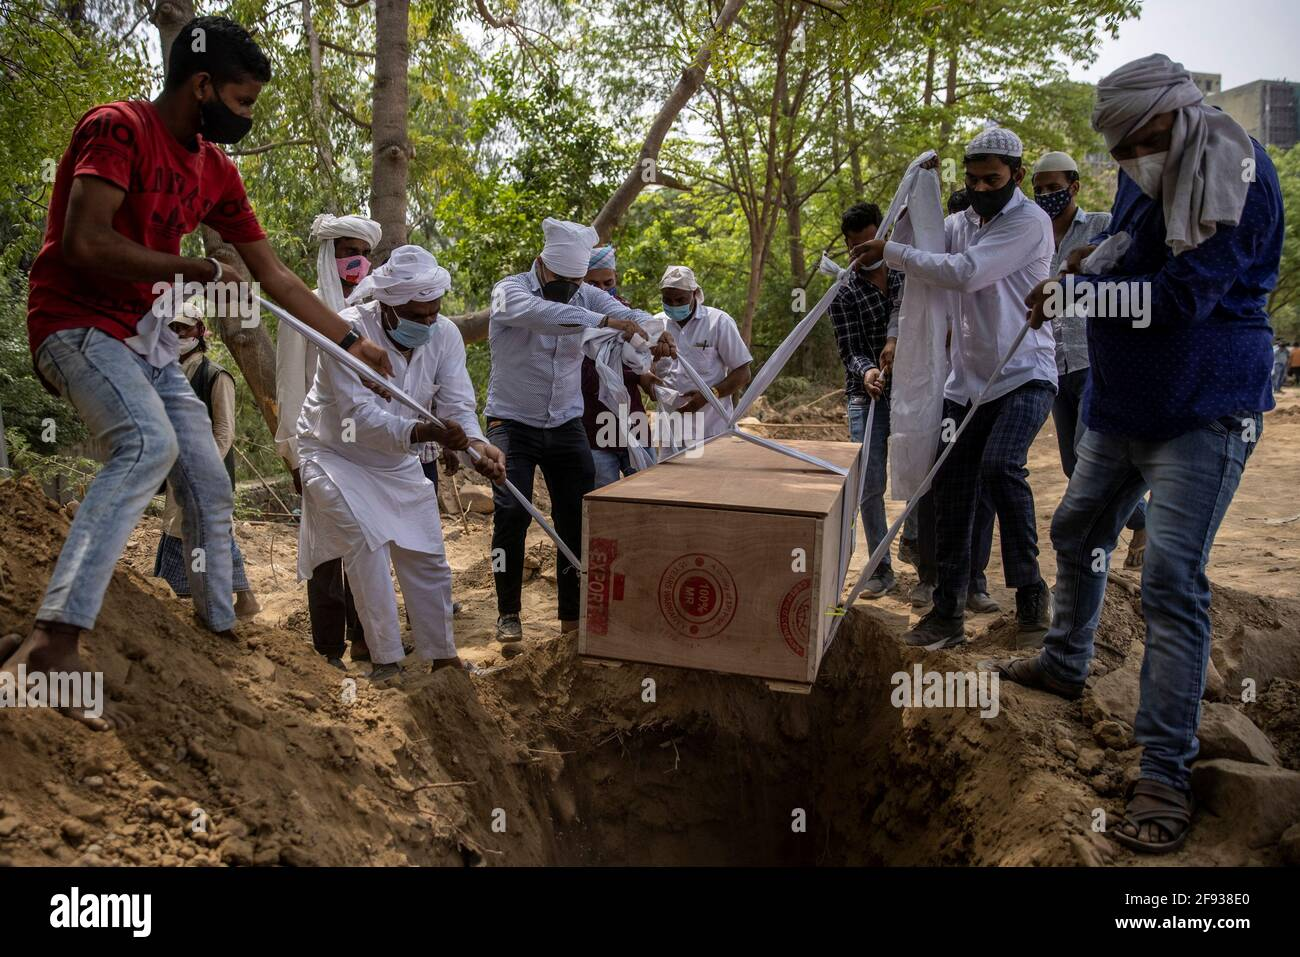 Am 16. April 2021 wird auf einem Friedhof in Neu-Delhi, Indien, der Leichnam eines Mannes, der an der Coronavirus-Krankheit (COVID-19) gestorben ist, begraben. REUTERS/Danish Siddiqui Stockfoto